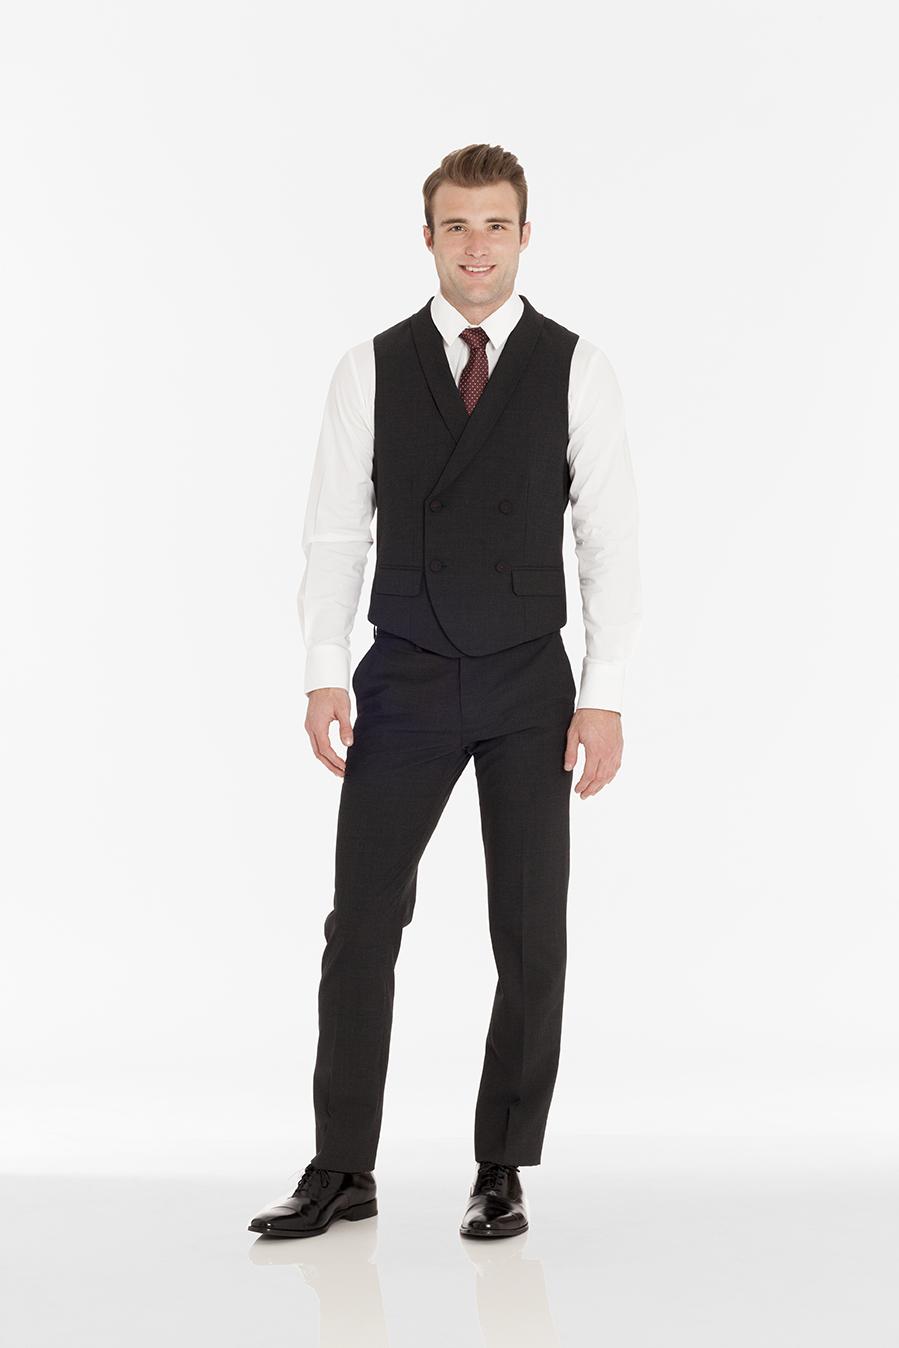 Vest 1205 Shirt 1000FC Pant 283 Tie 1420